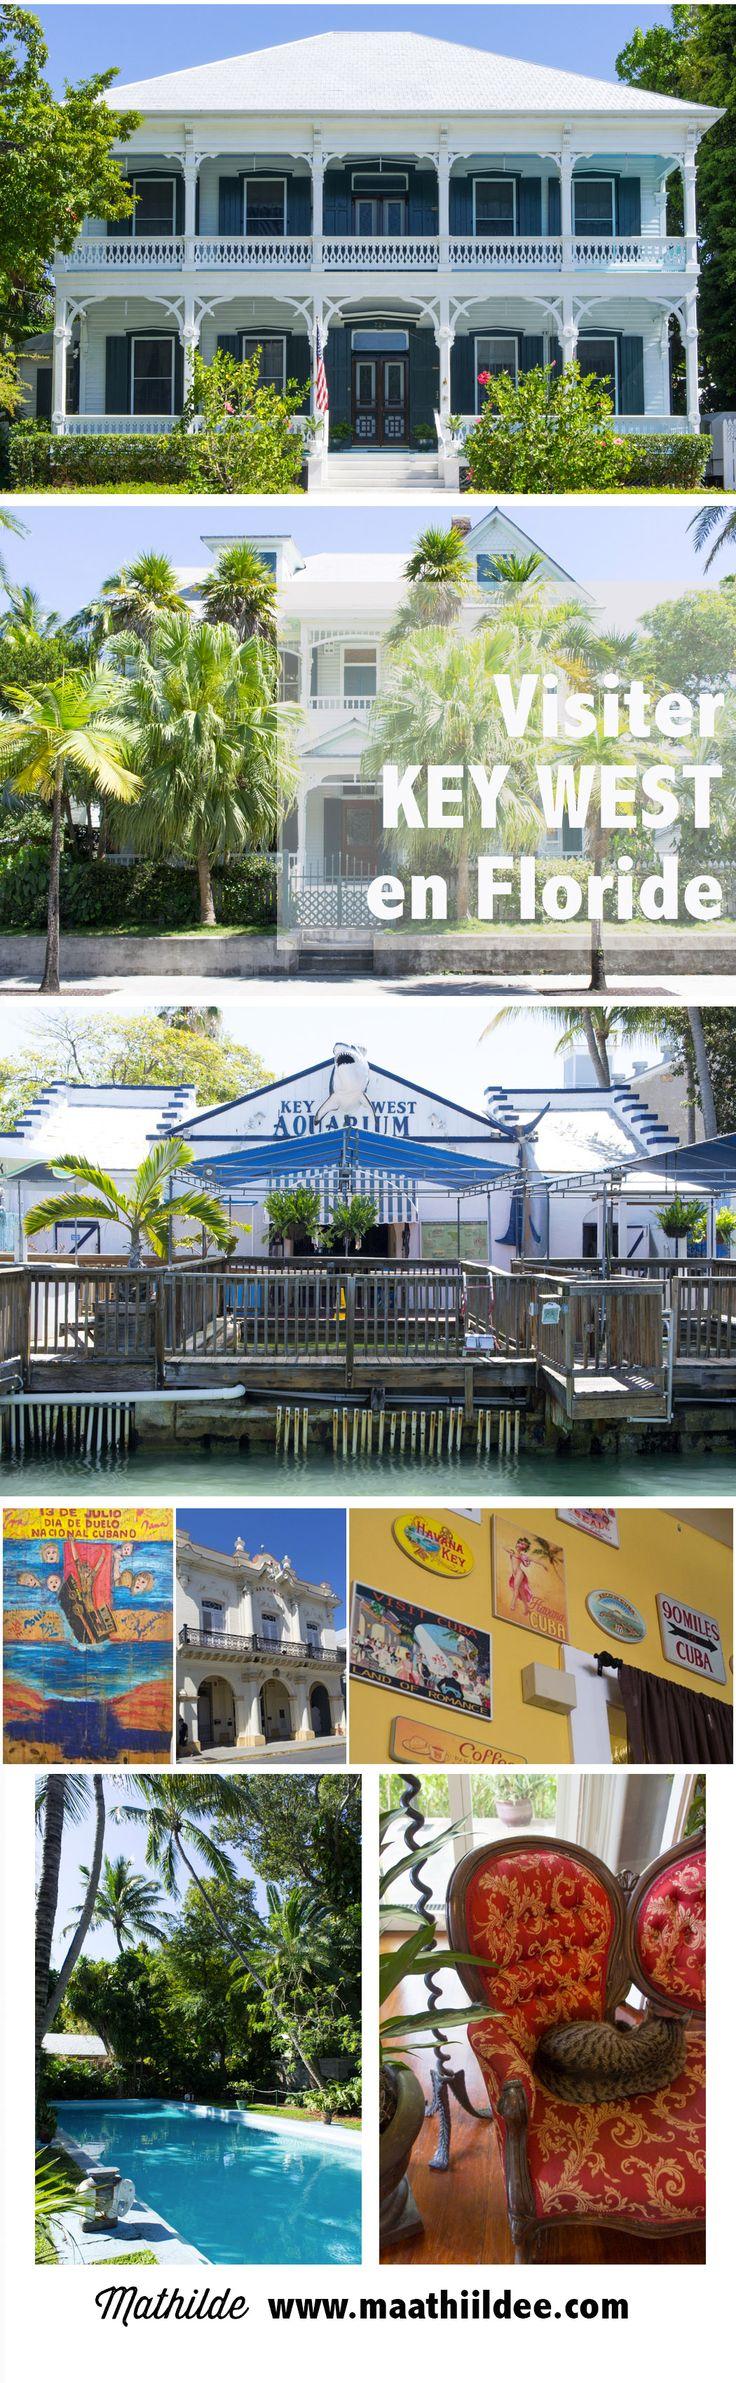 Key West, une ville tout au sud de la Floride, là où les vacances sont perpétuelles. On y visite la maison d'Hemingway & on se balade dans les rues bordées de palmiers.